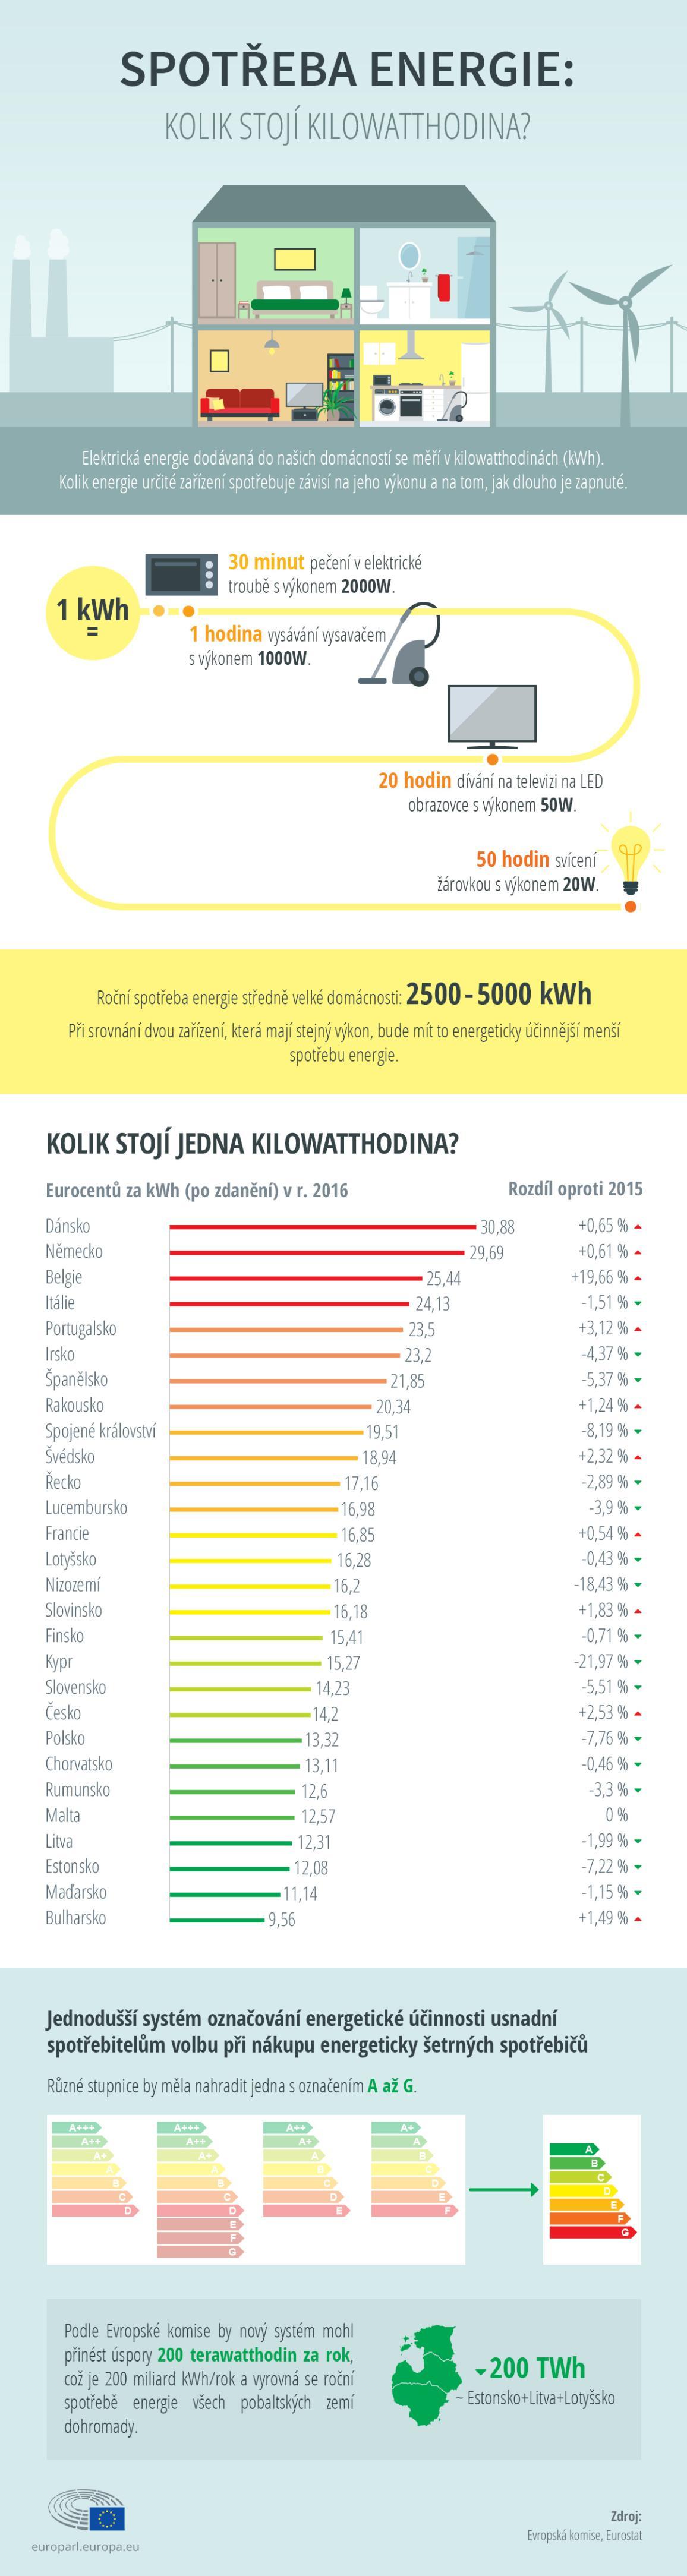 infografika: Co Vám prozradí energetický štítek spotřebiče